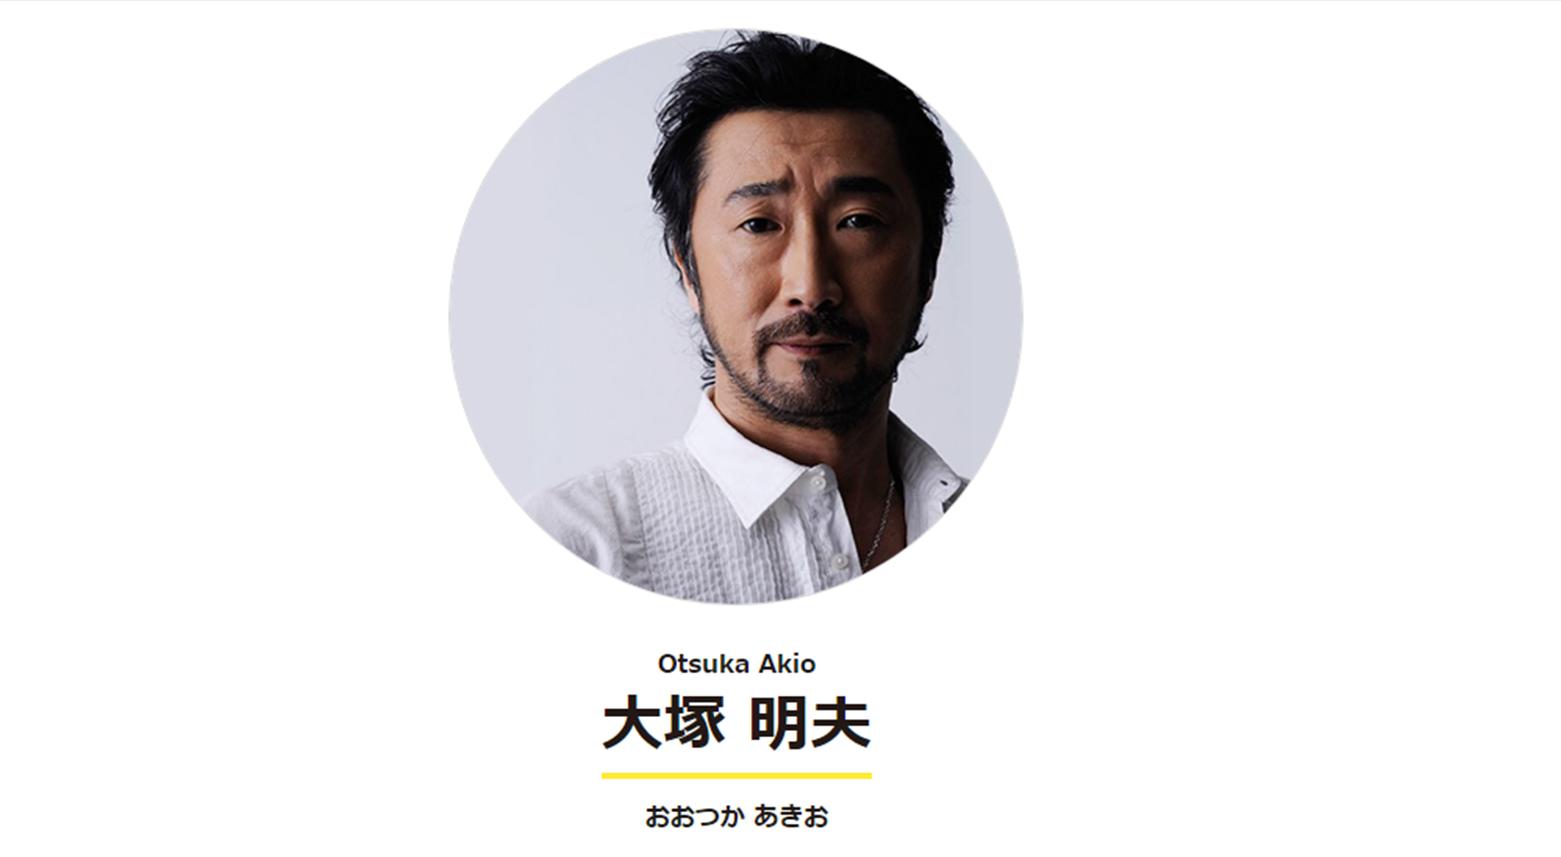 大塚明夫がコムサのPR動画のナレーターに抜擢